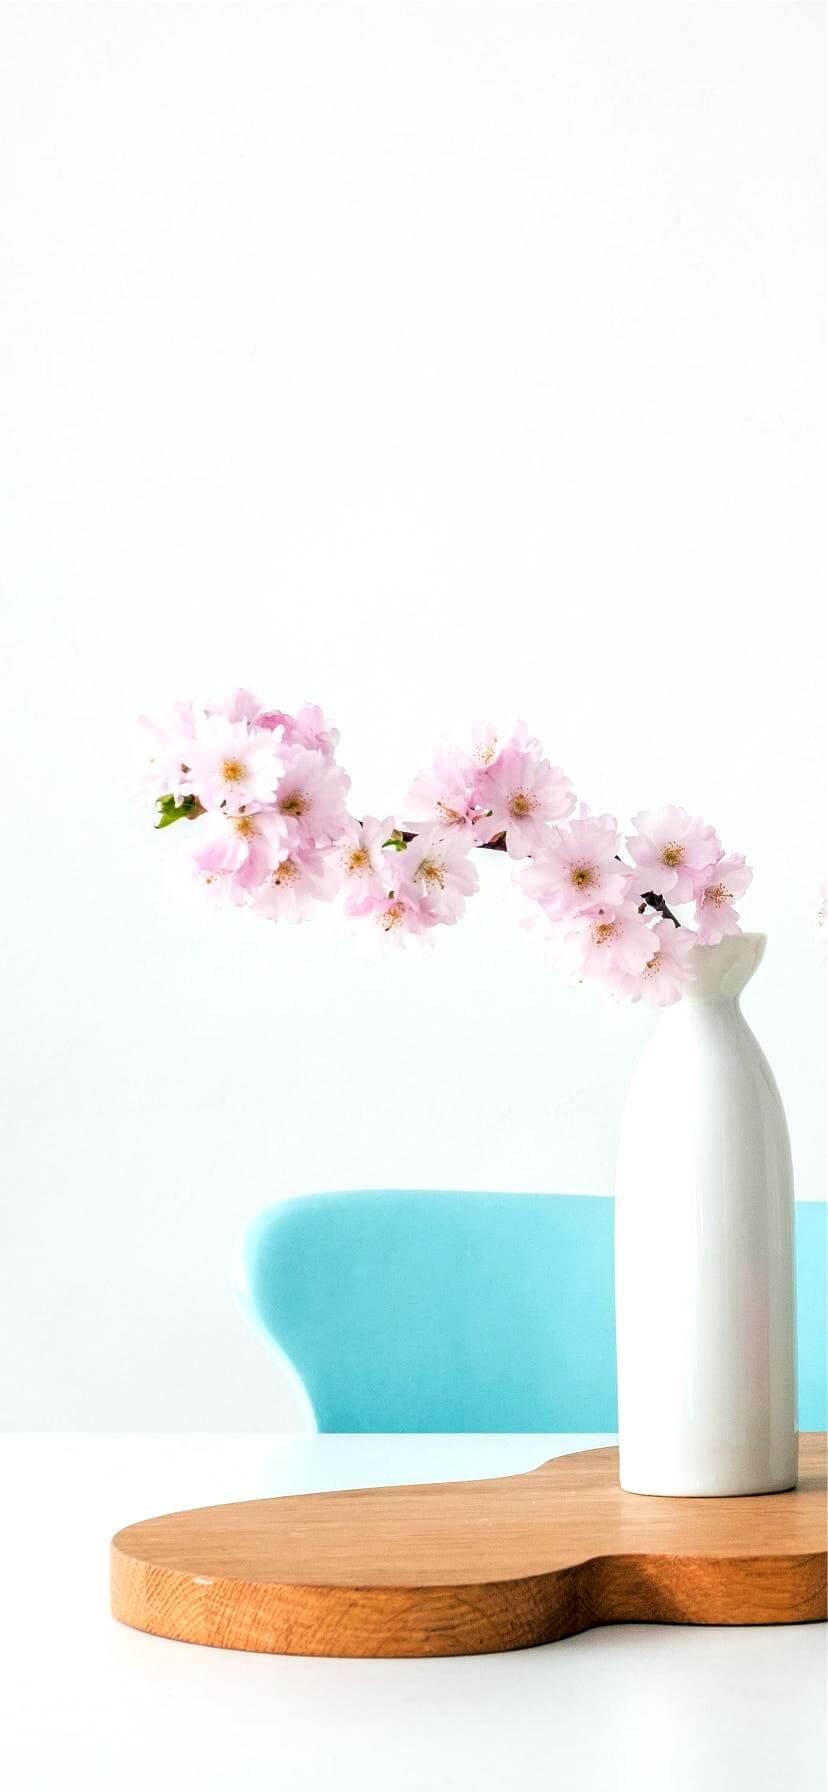 部屋に飾った桜3